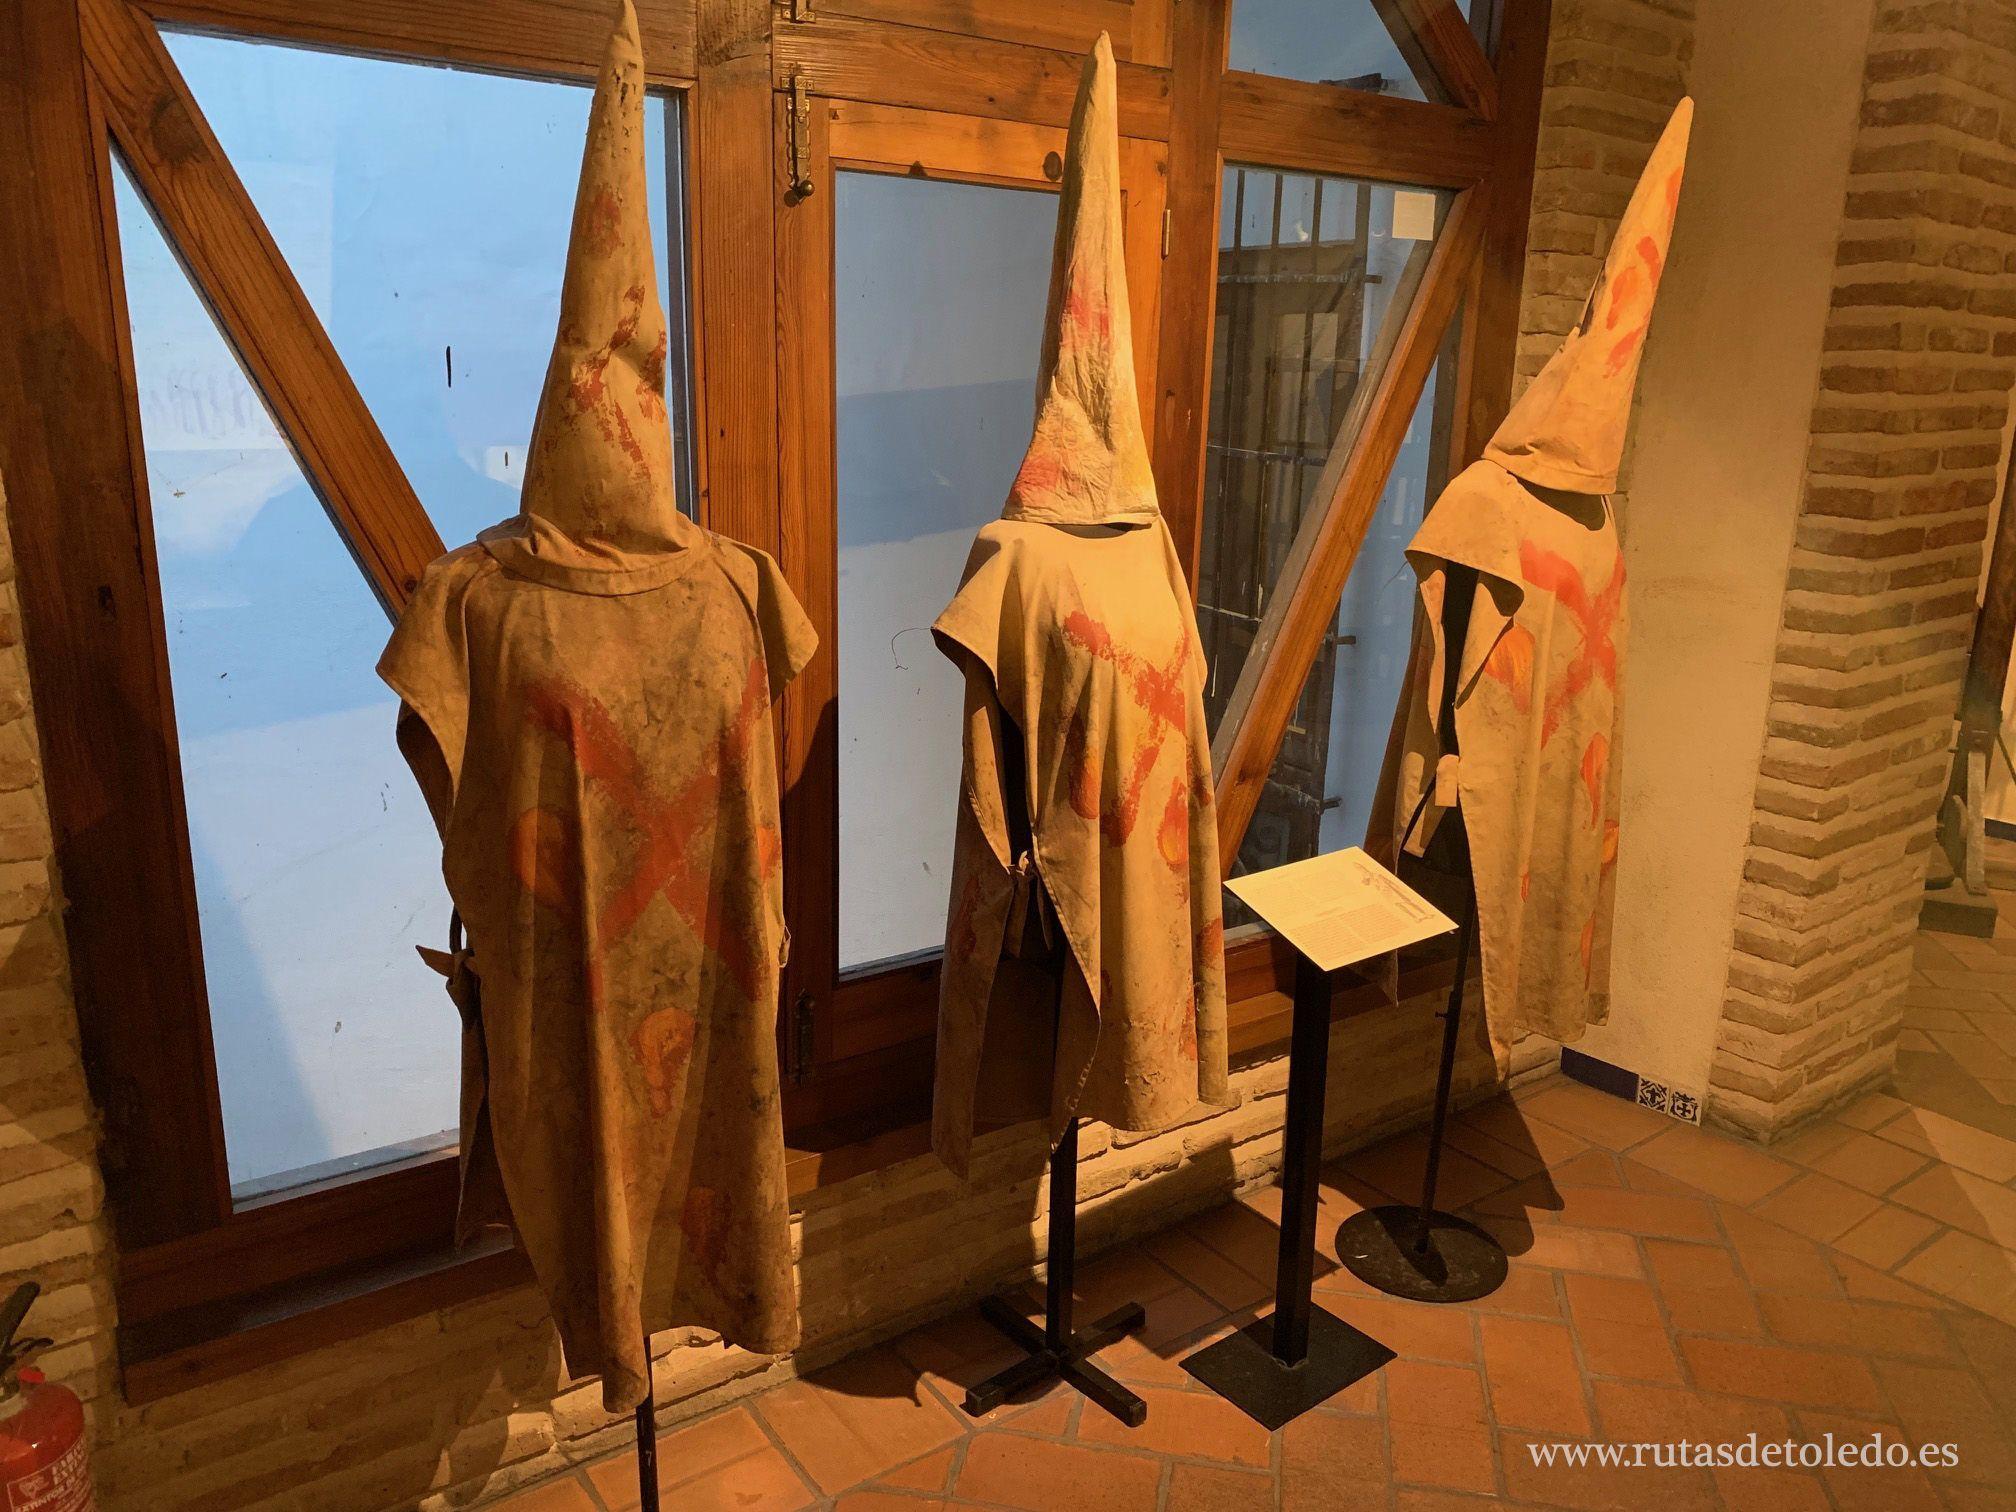 Ruta Inquisición en Toledo con visita a la exposición Antiguos Instrumentos de Tortura